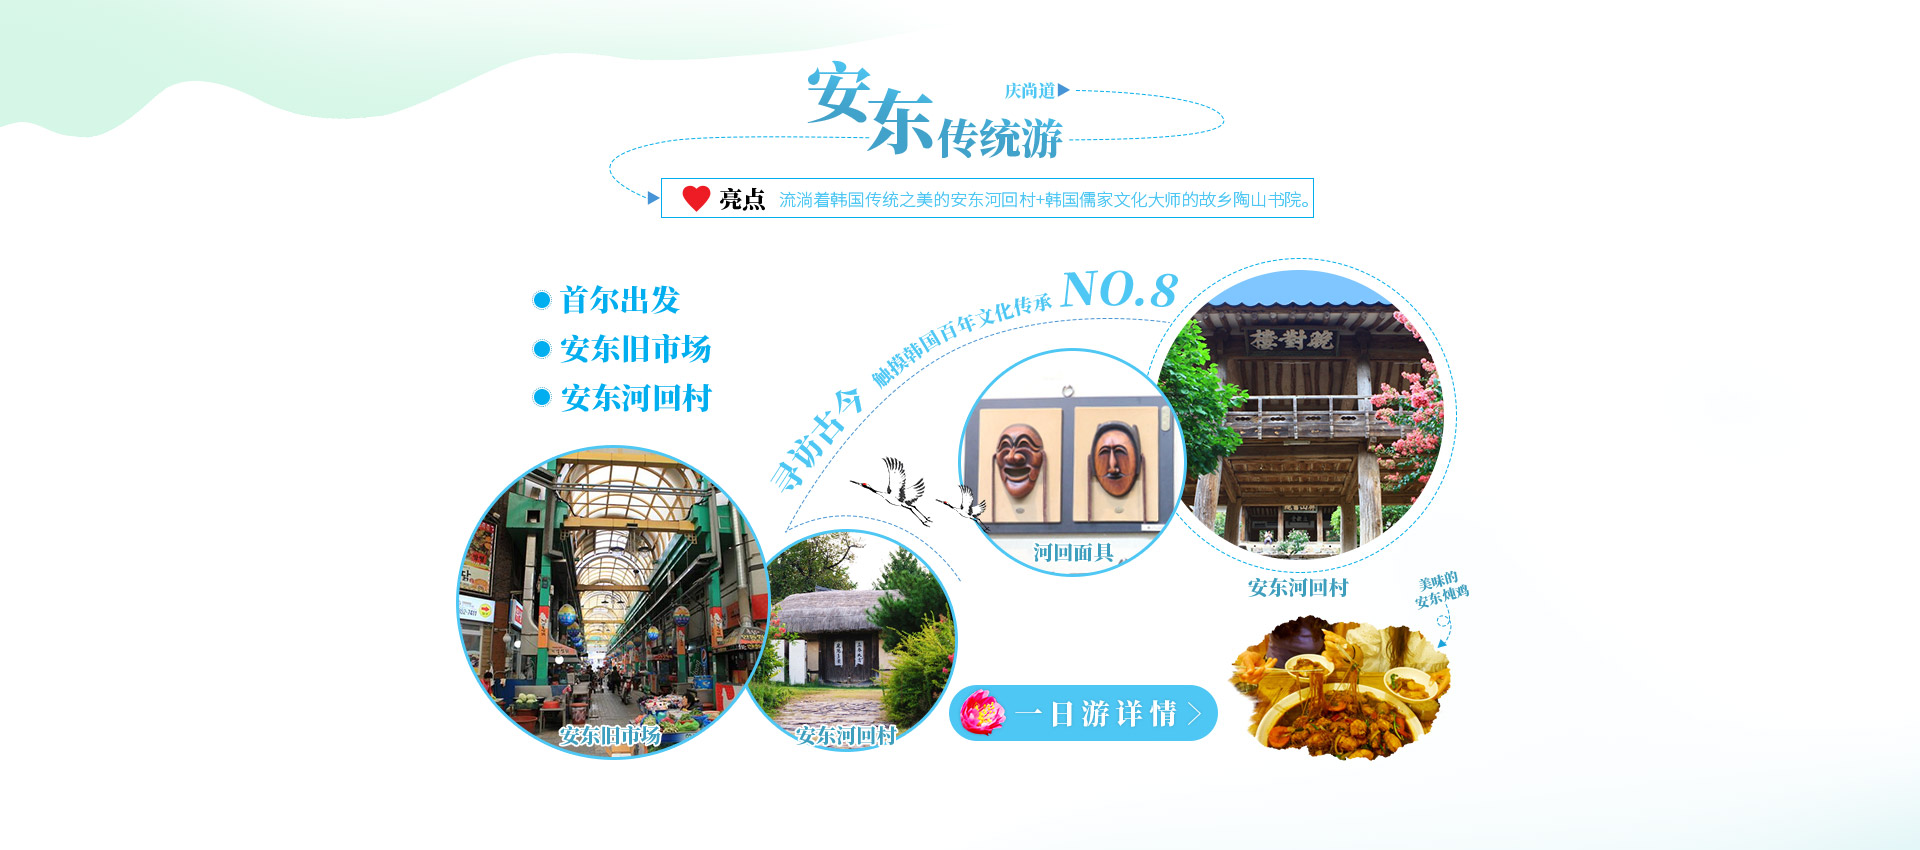 安东传统游-陶山书院,月映桥,河回村,世界文化遗产-韩国深度游一日线路推荐